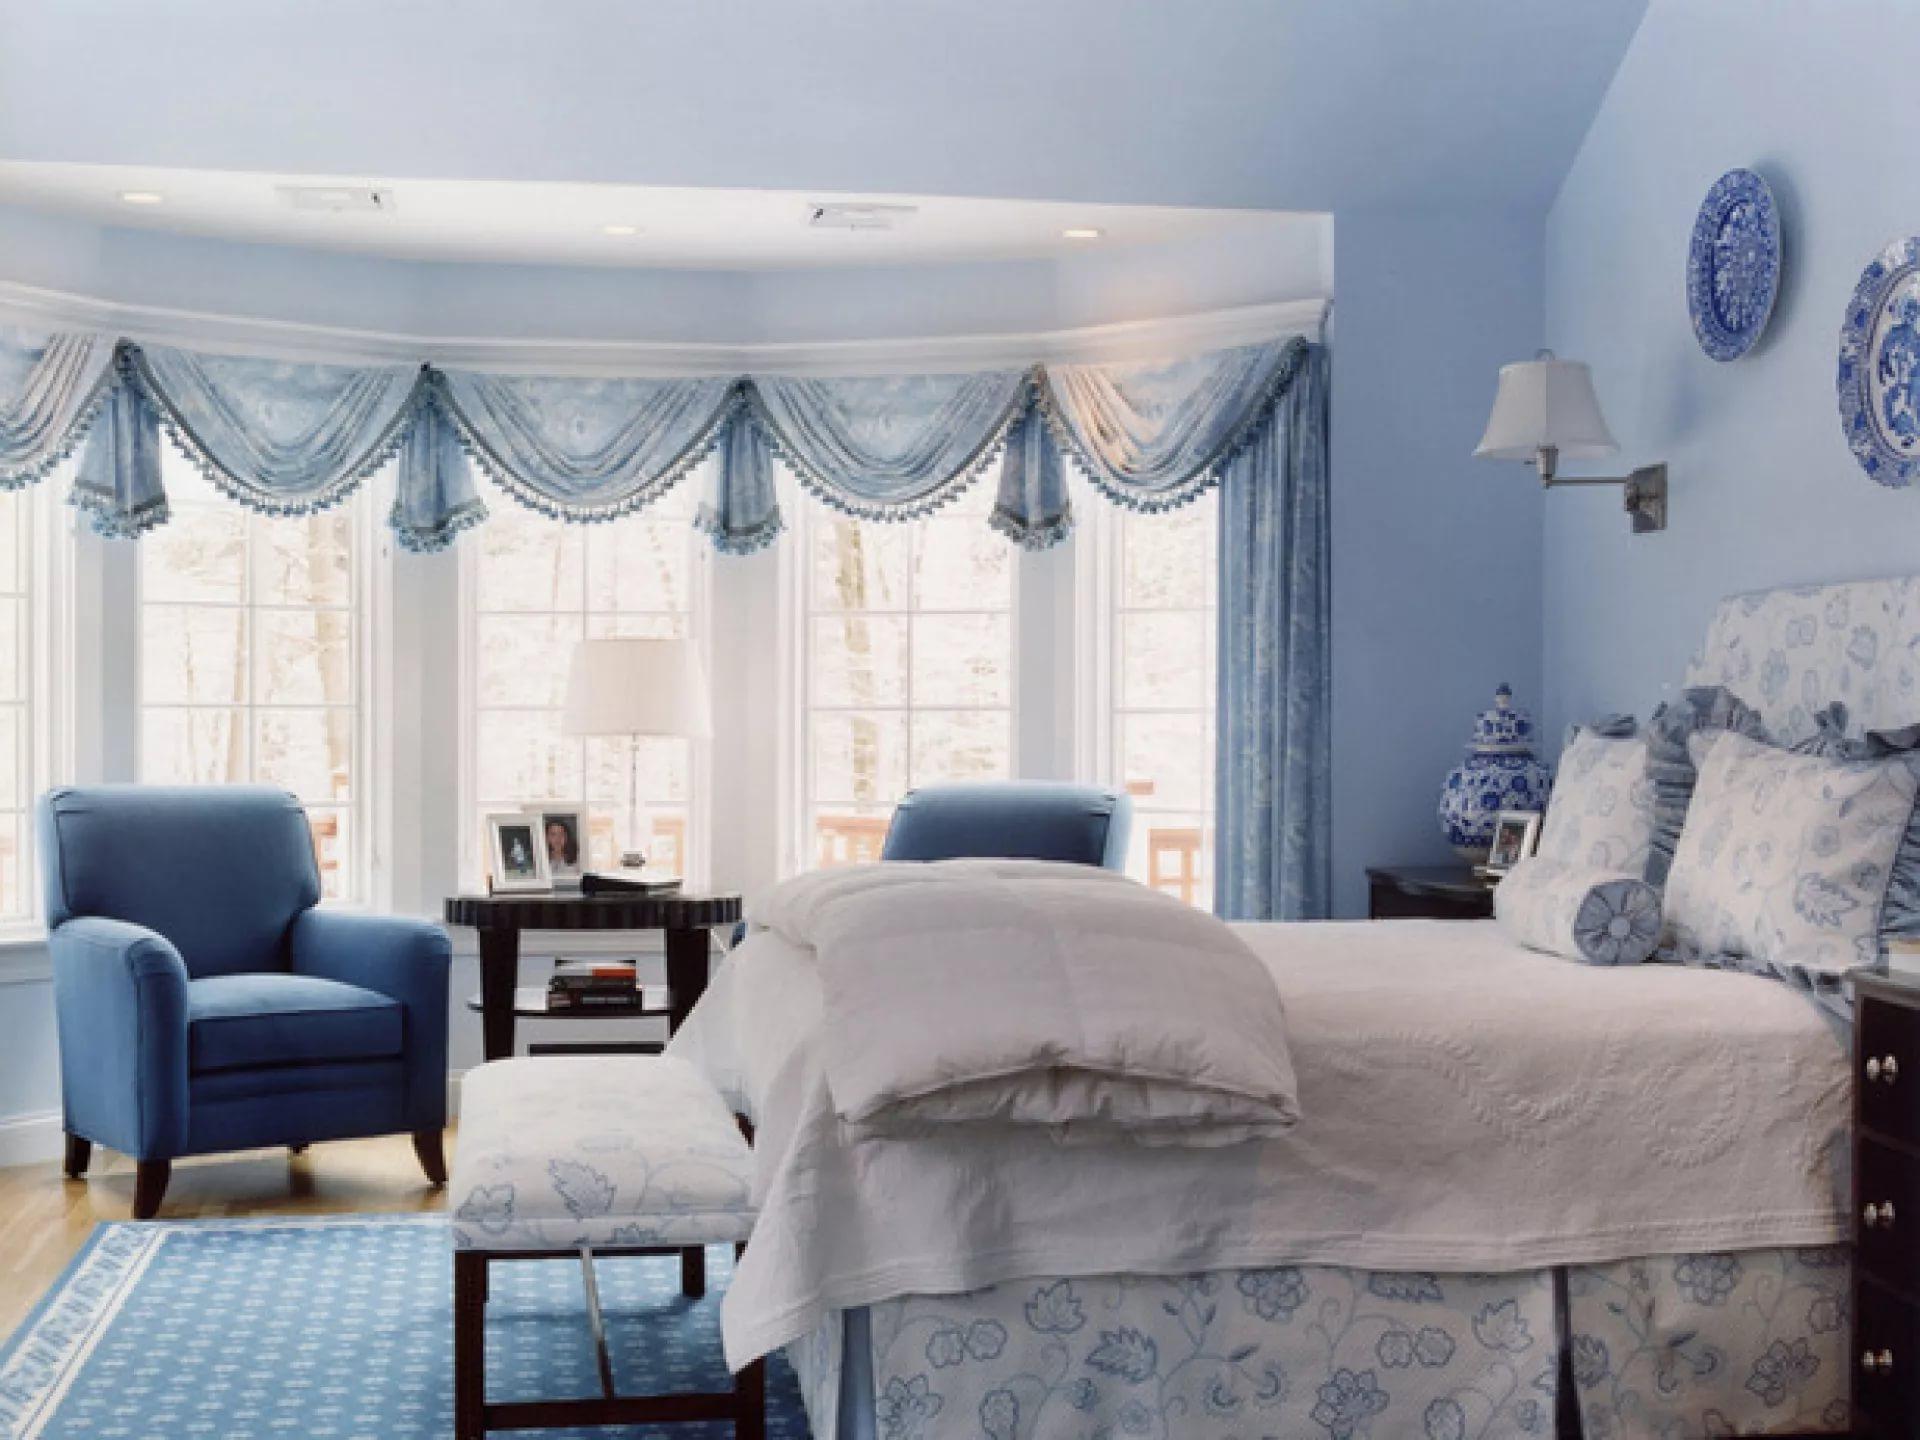 Синие шторы (48 фото): занавески в интерьере, темно-синие портьеры в гостиной, сочетание с бежевым и желтым